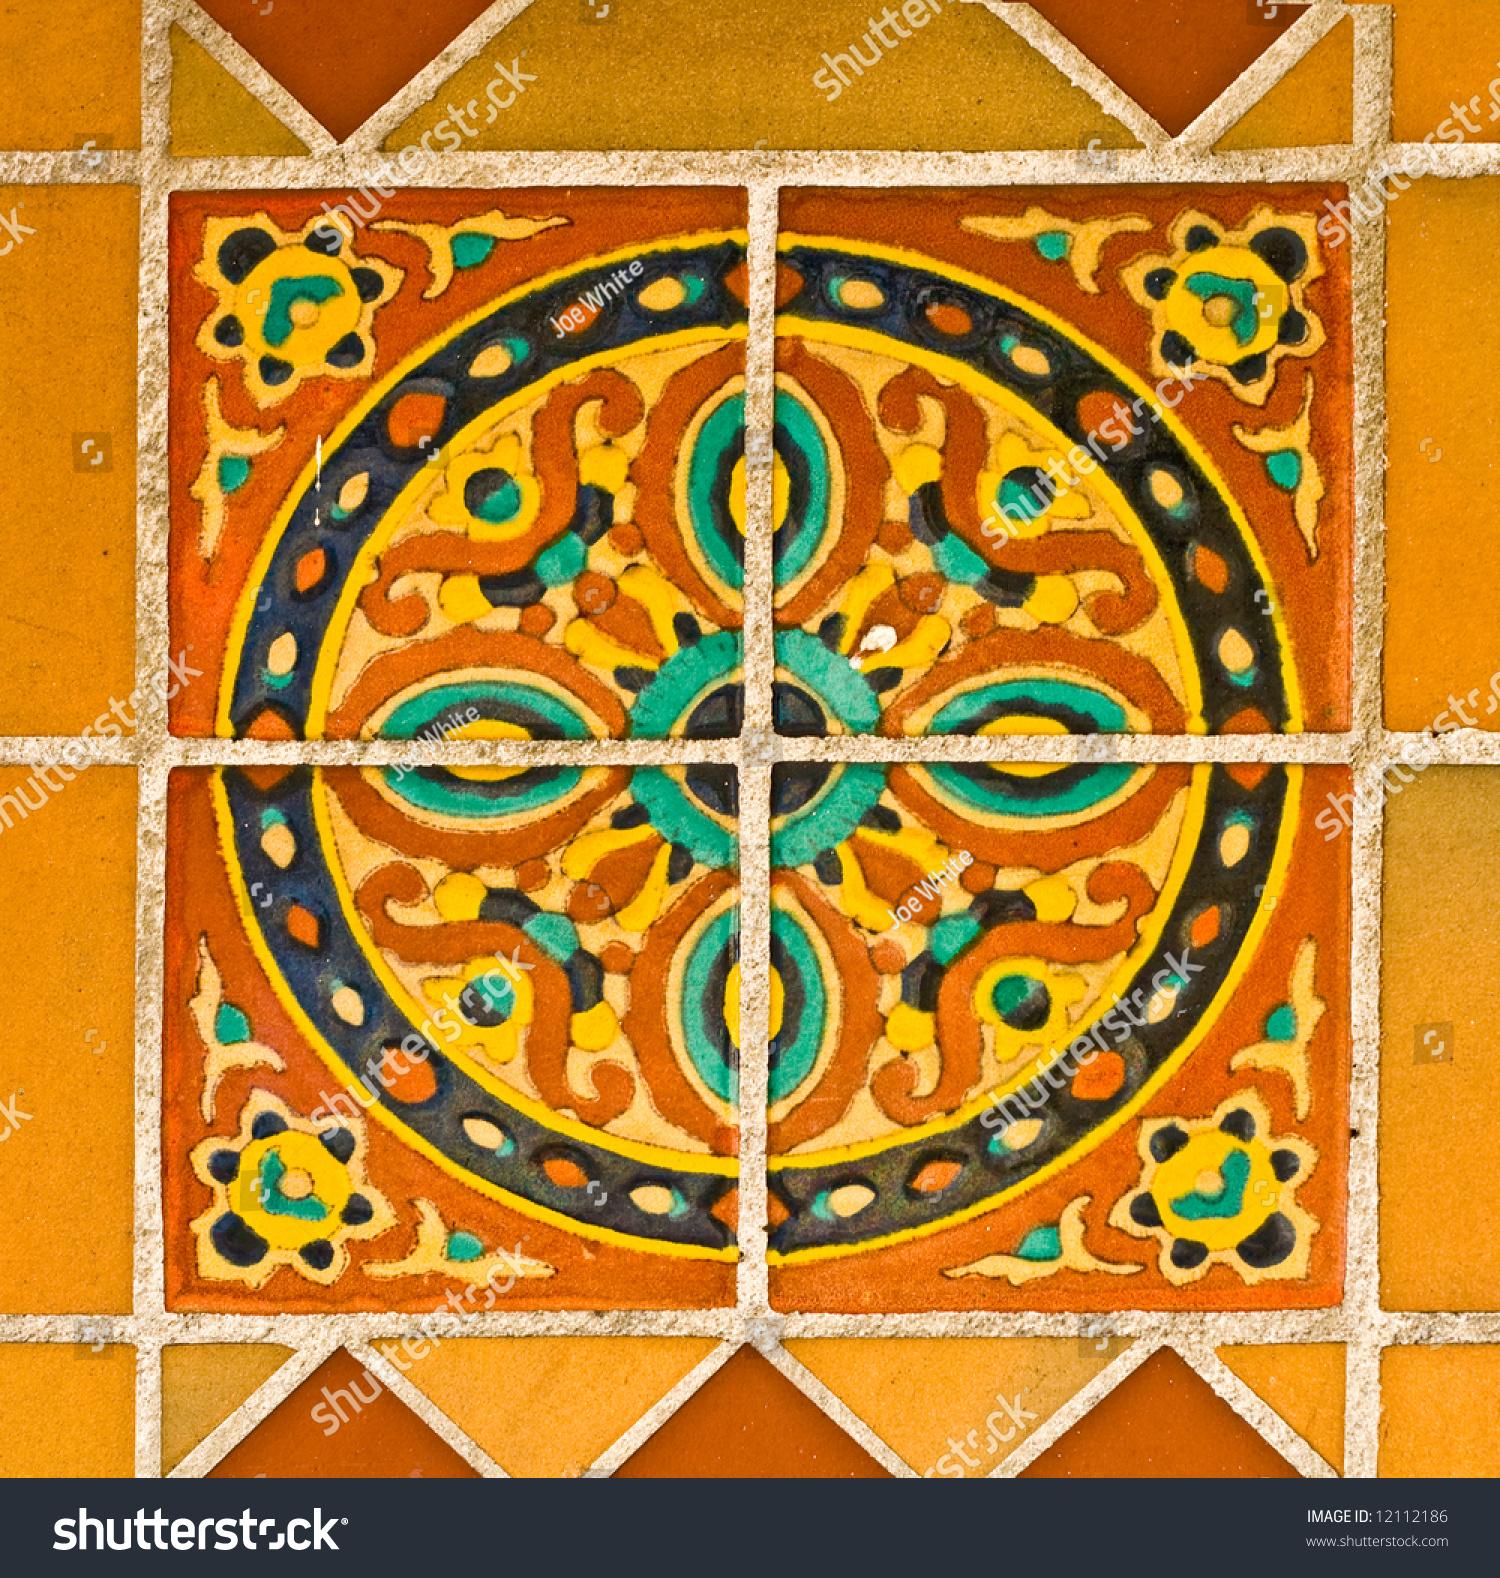 design likewise spanish - photo #9